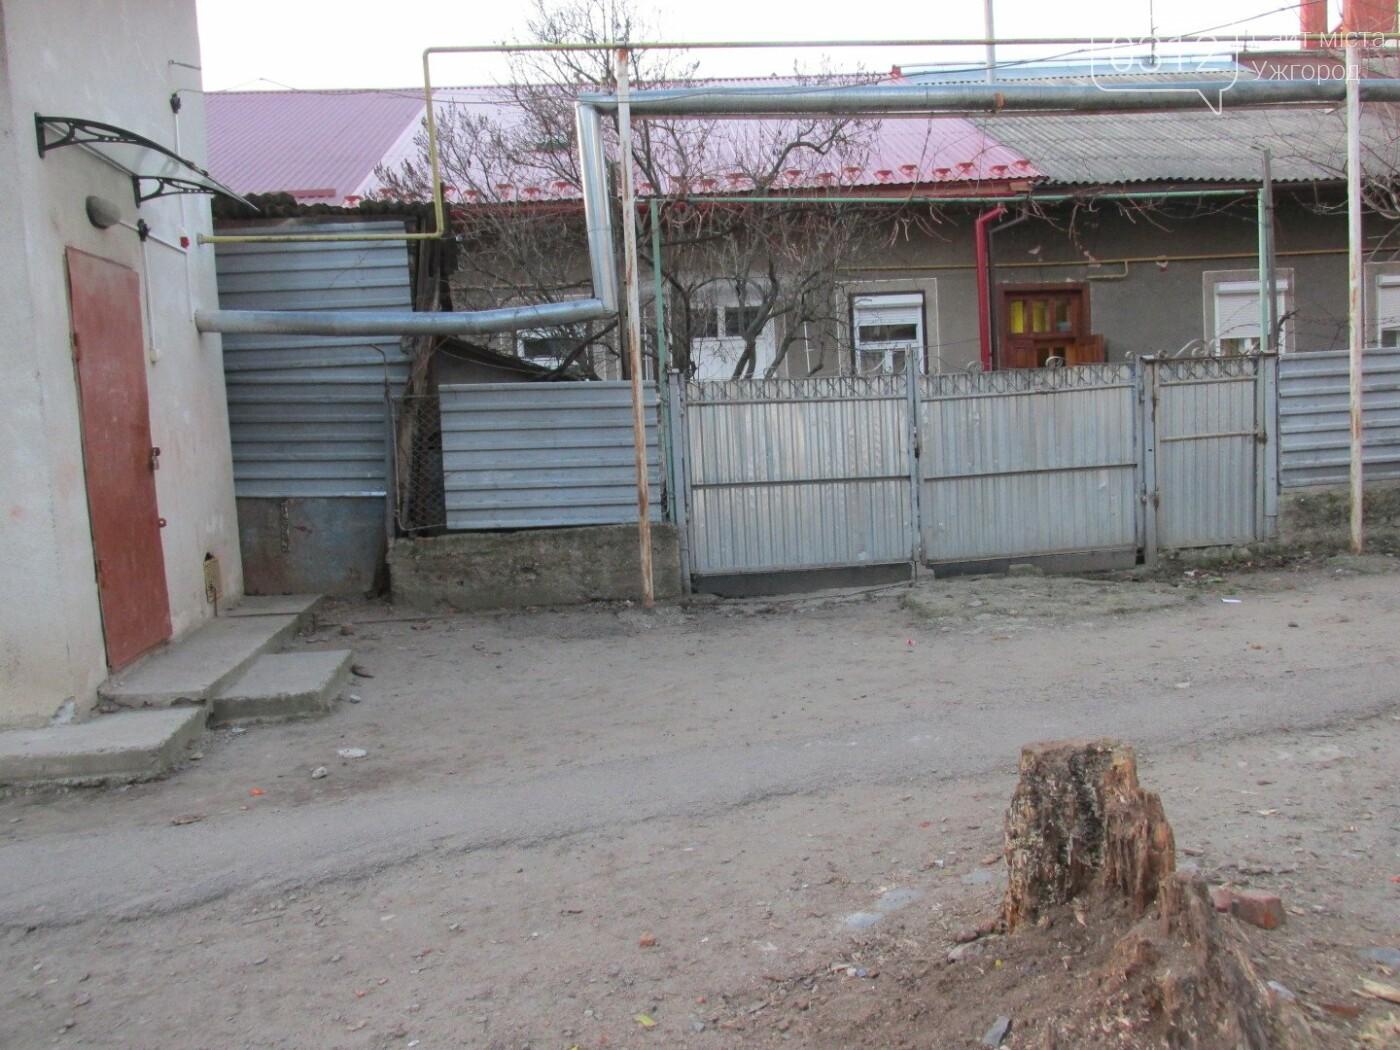 ТОП-20 громадських проектів, які не залишили ужгородців байдужими (СТАТИСТИКА на 27.03.2018), фото-23